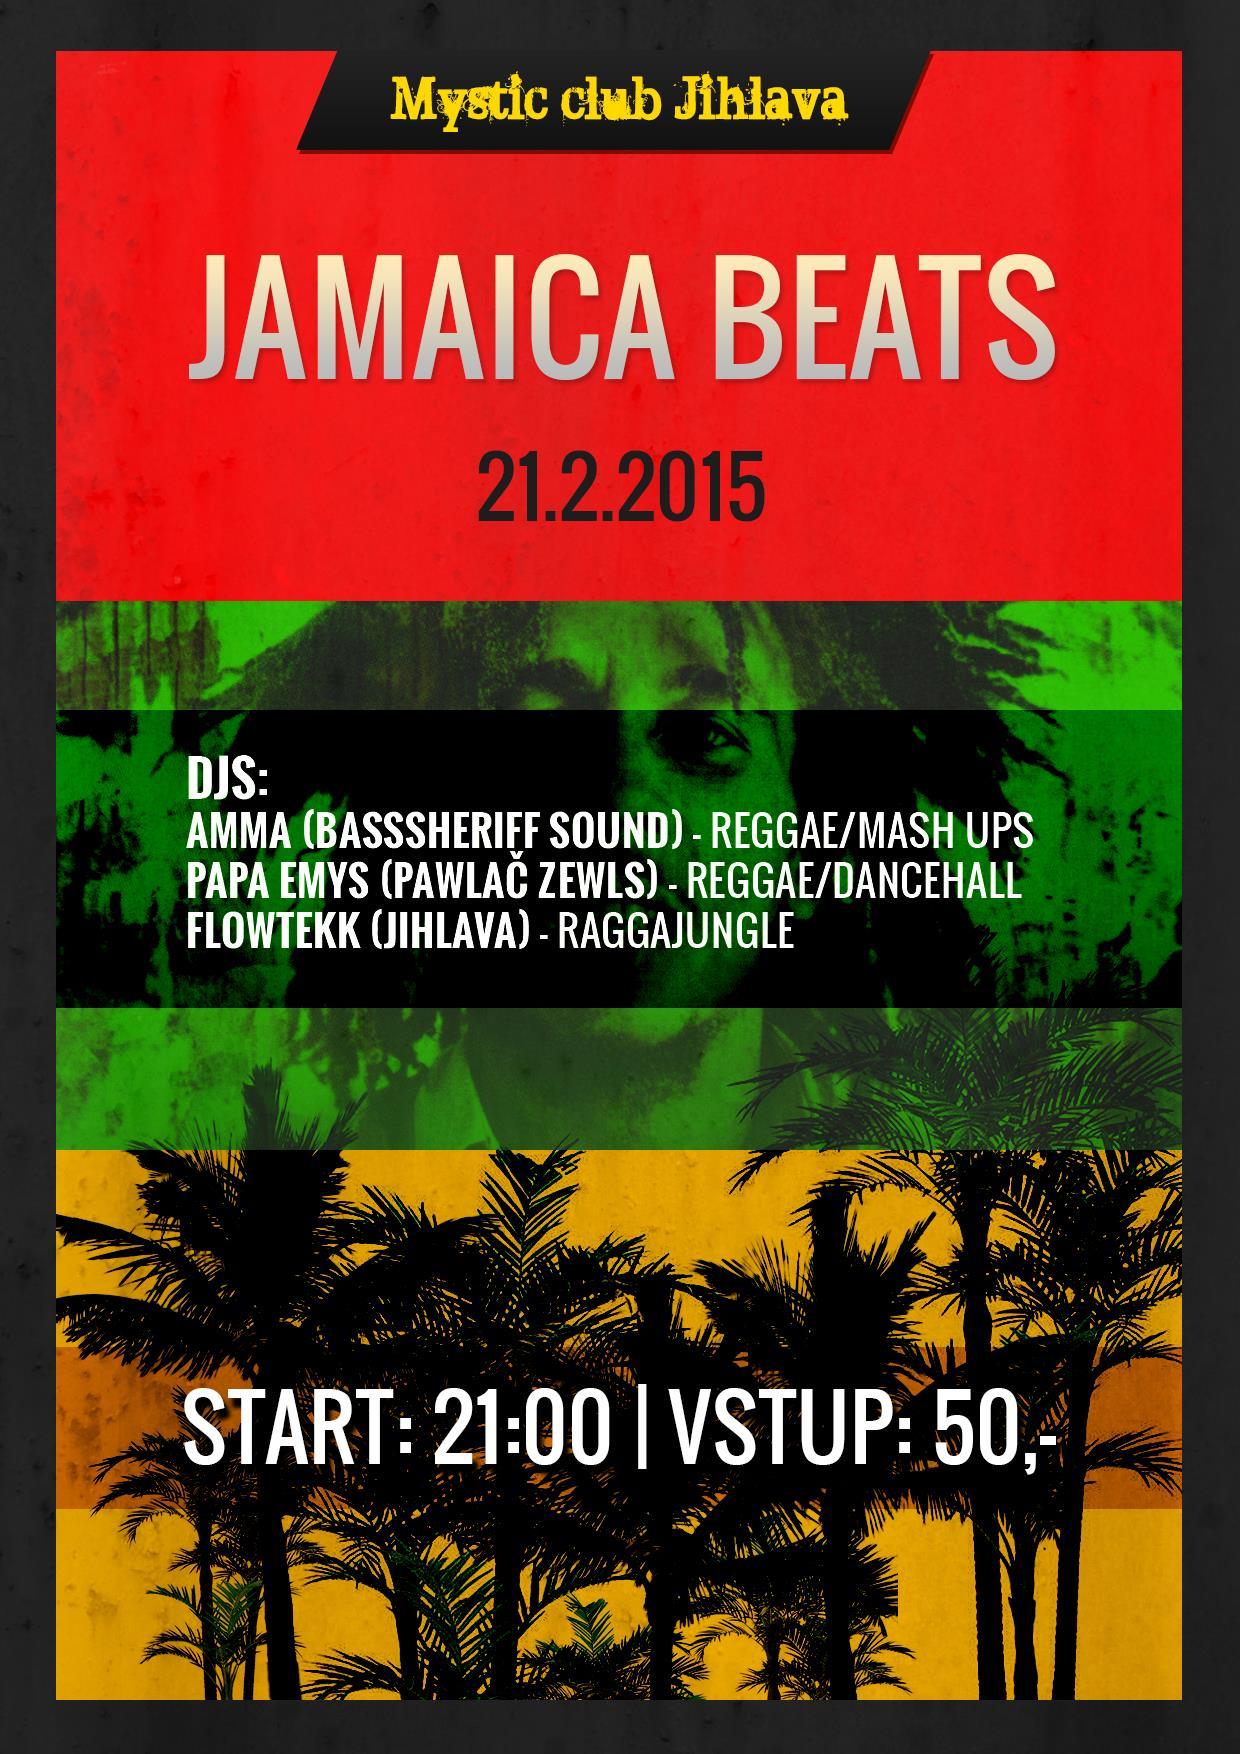 JAMAICA BEATS